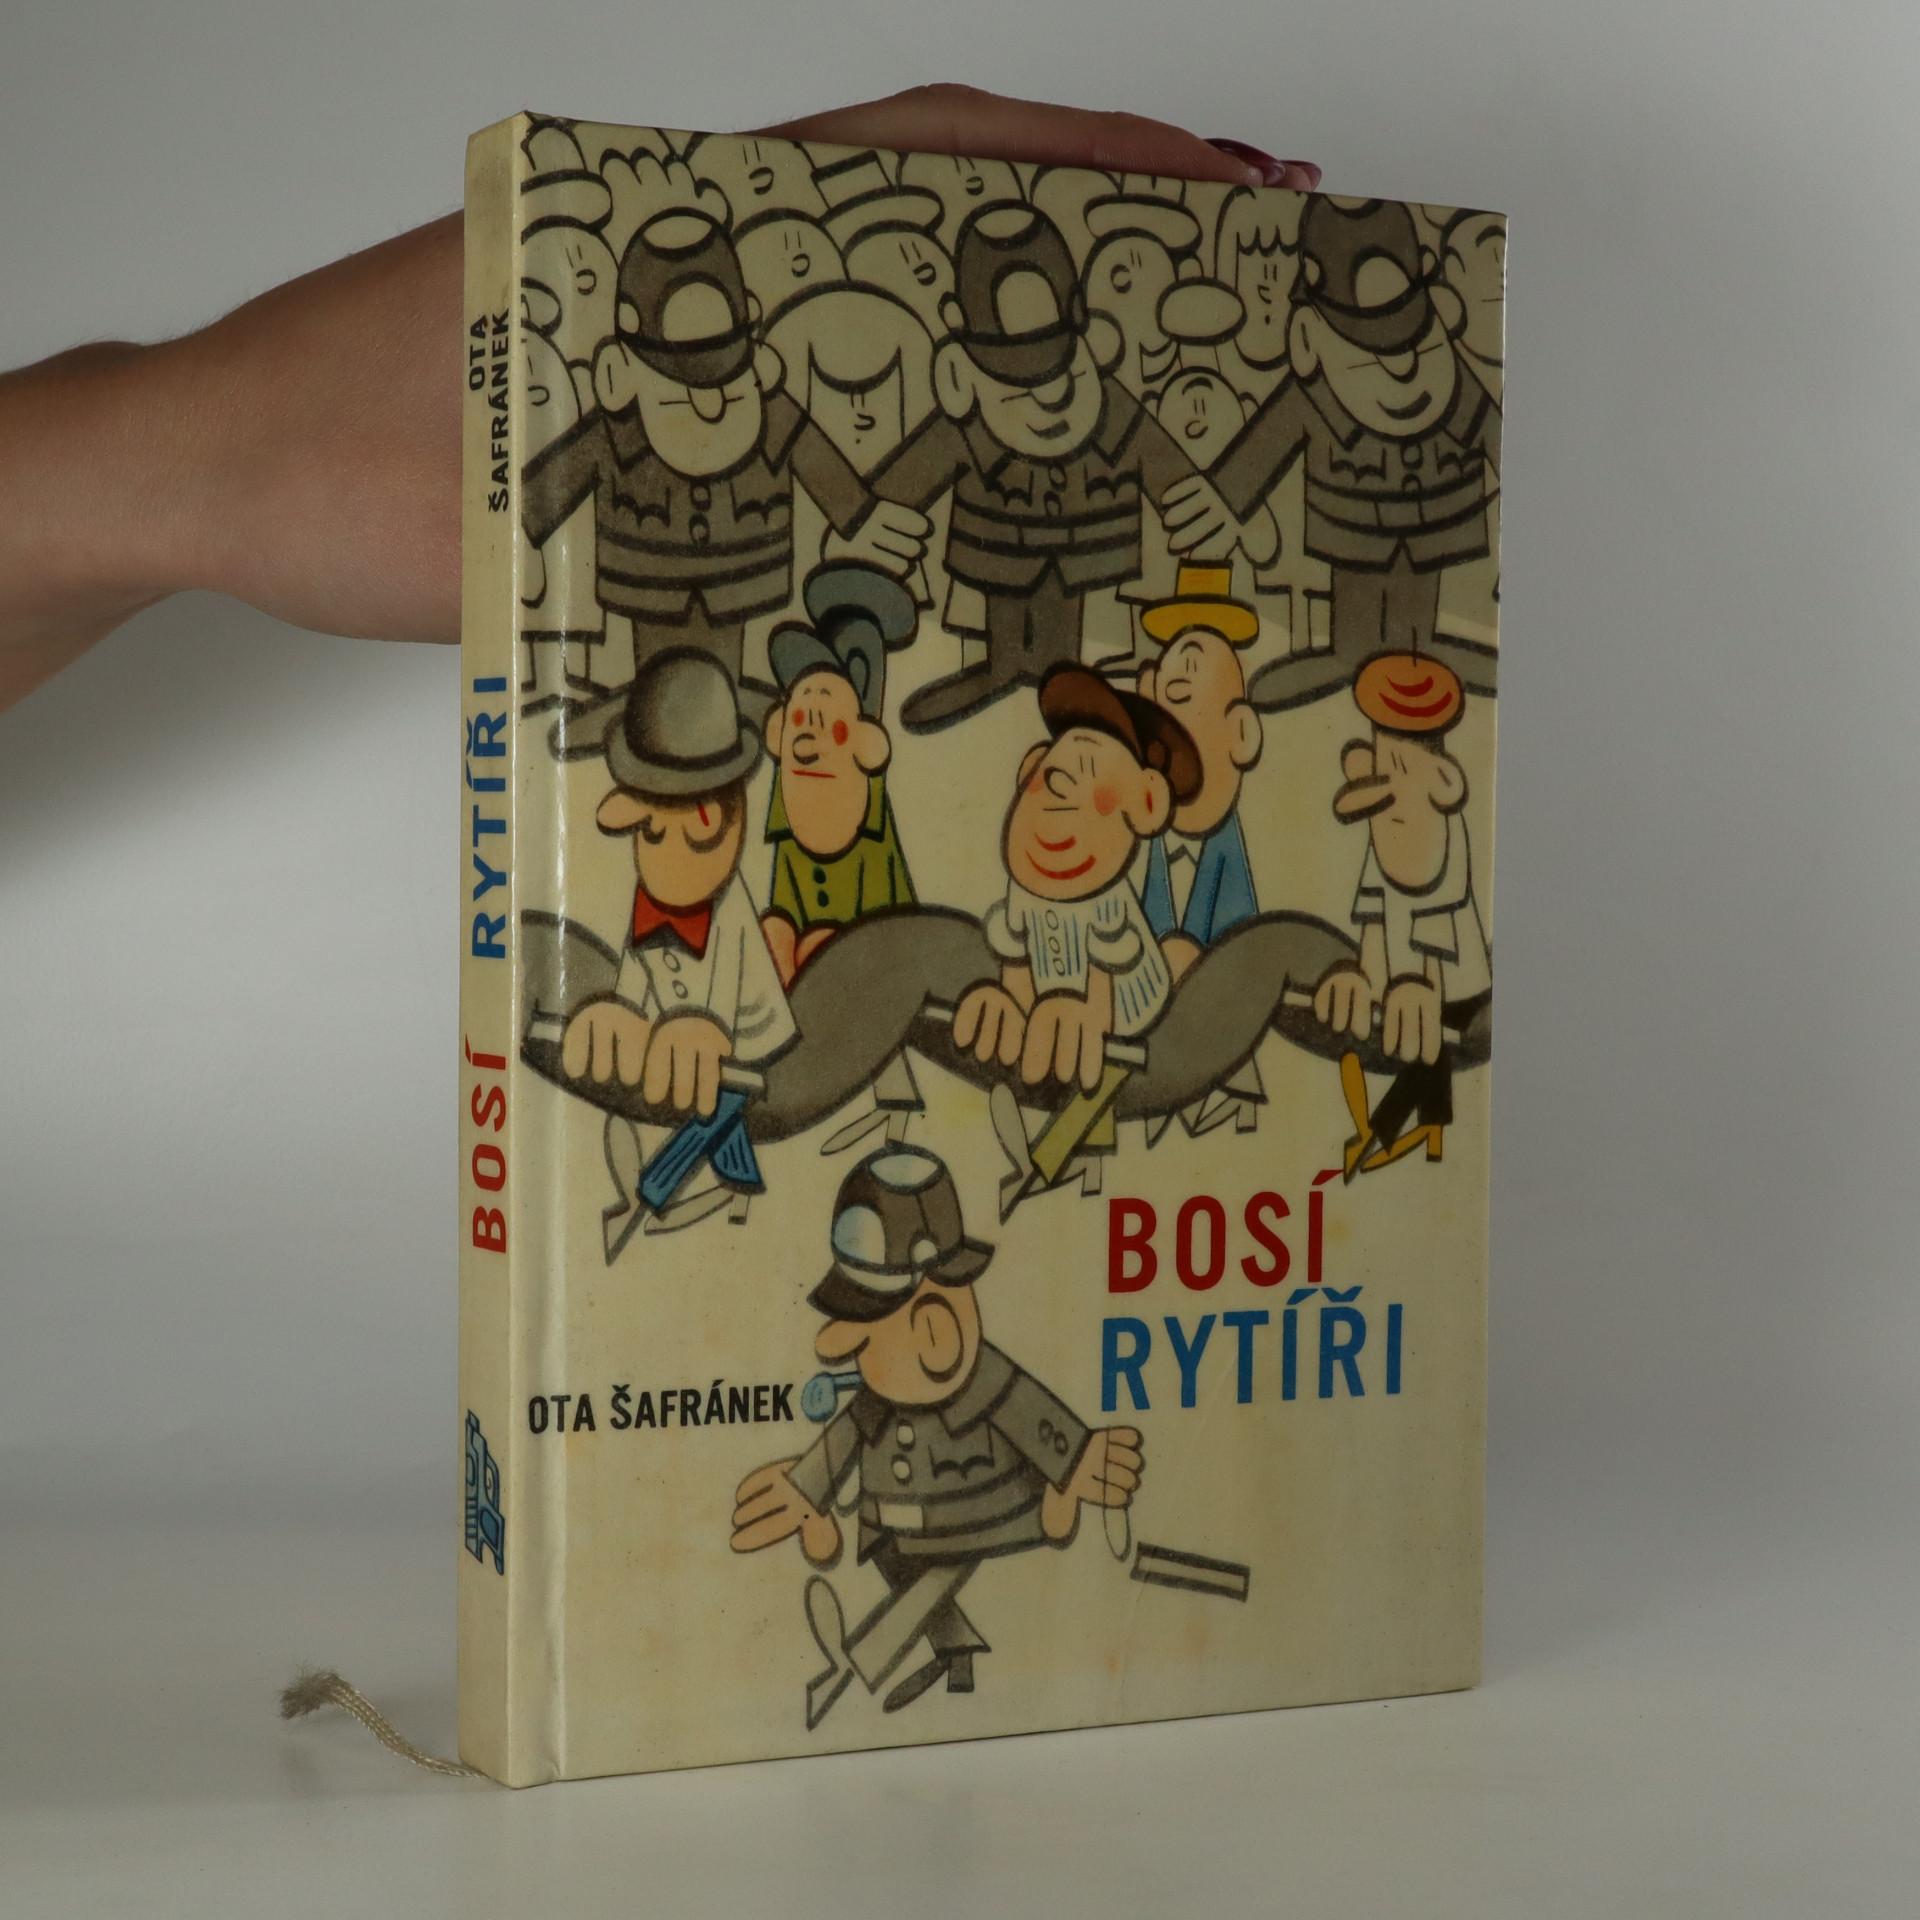 antikvární kniha Bosí rytíři, 1966